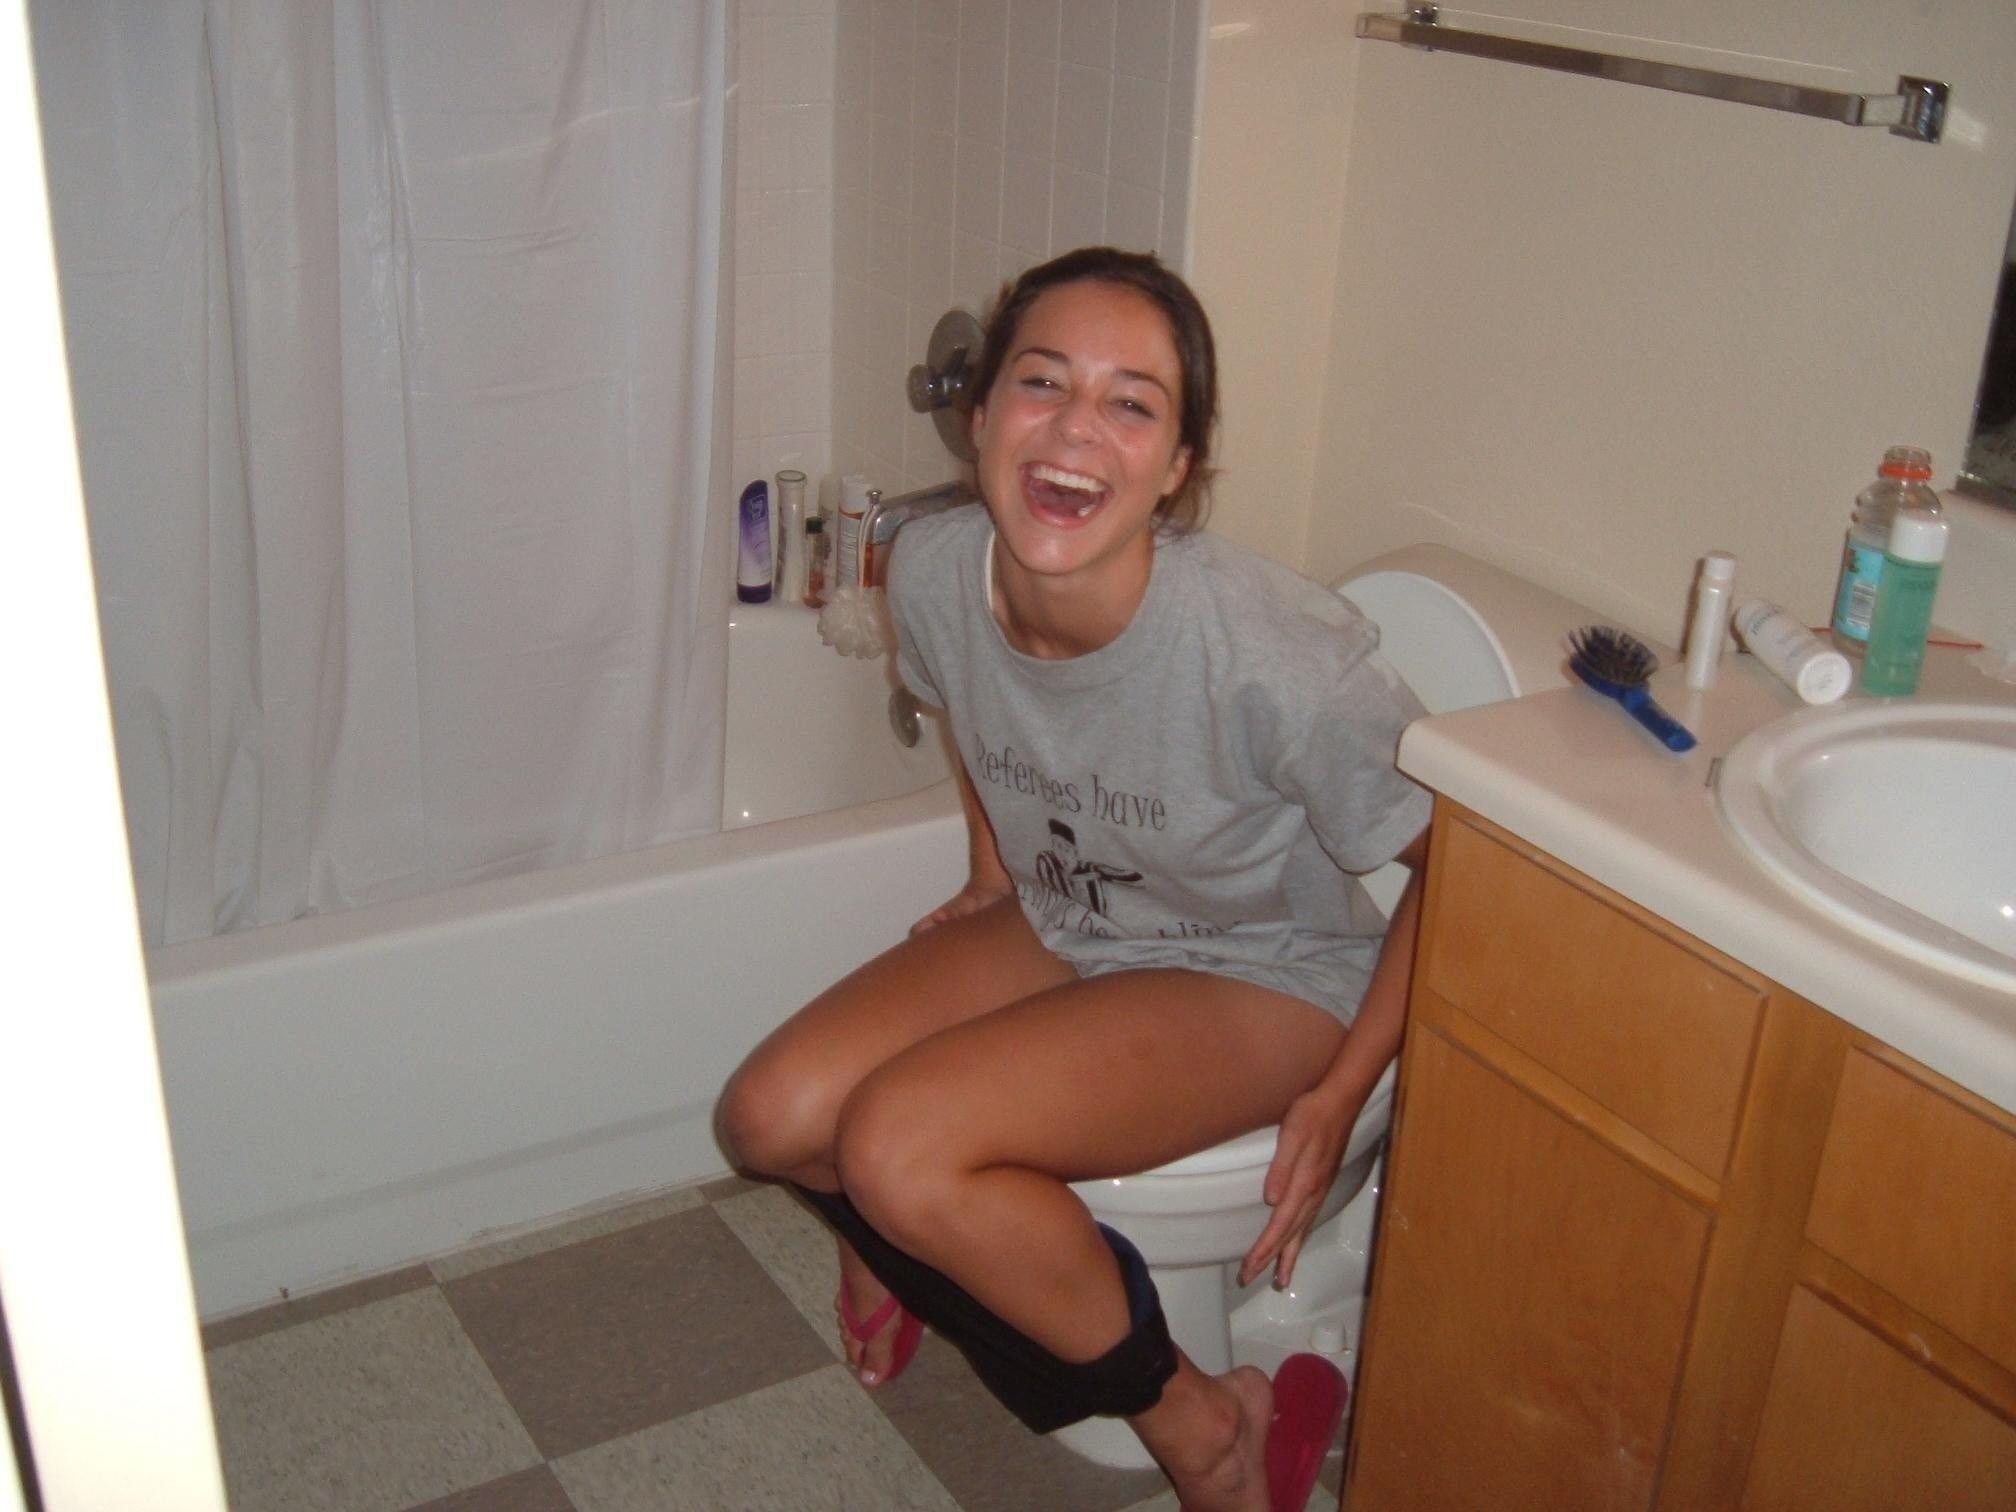 Girls pissing on toilet